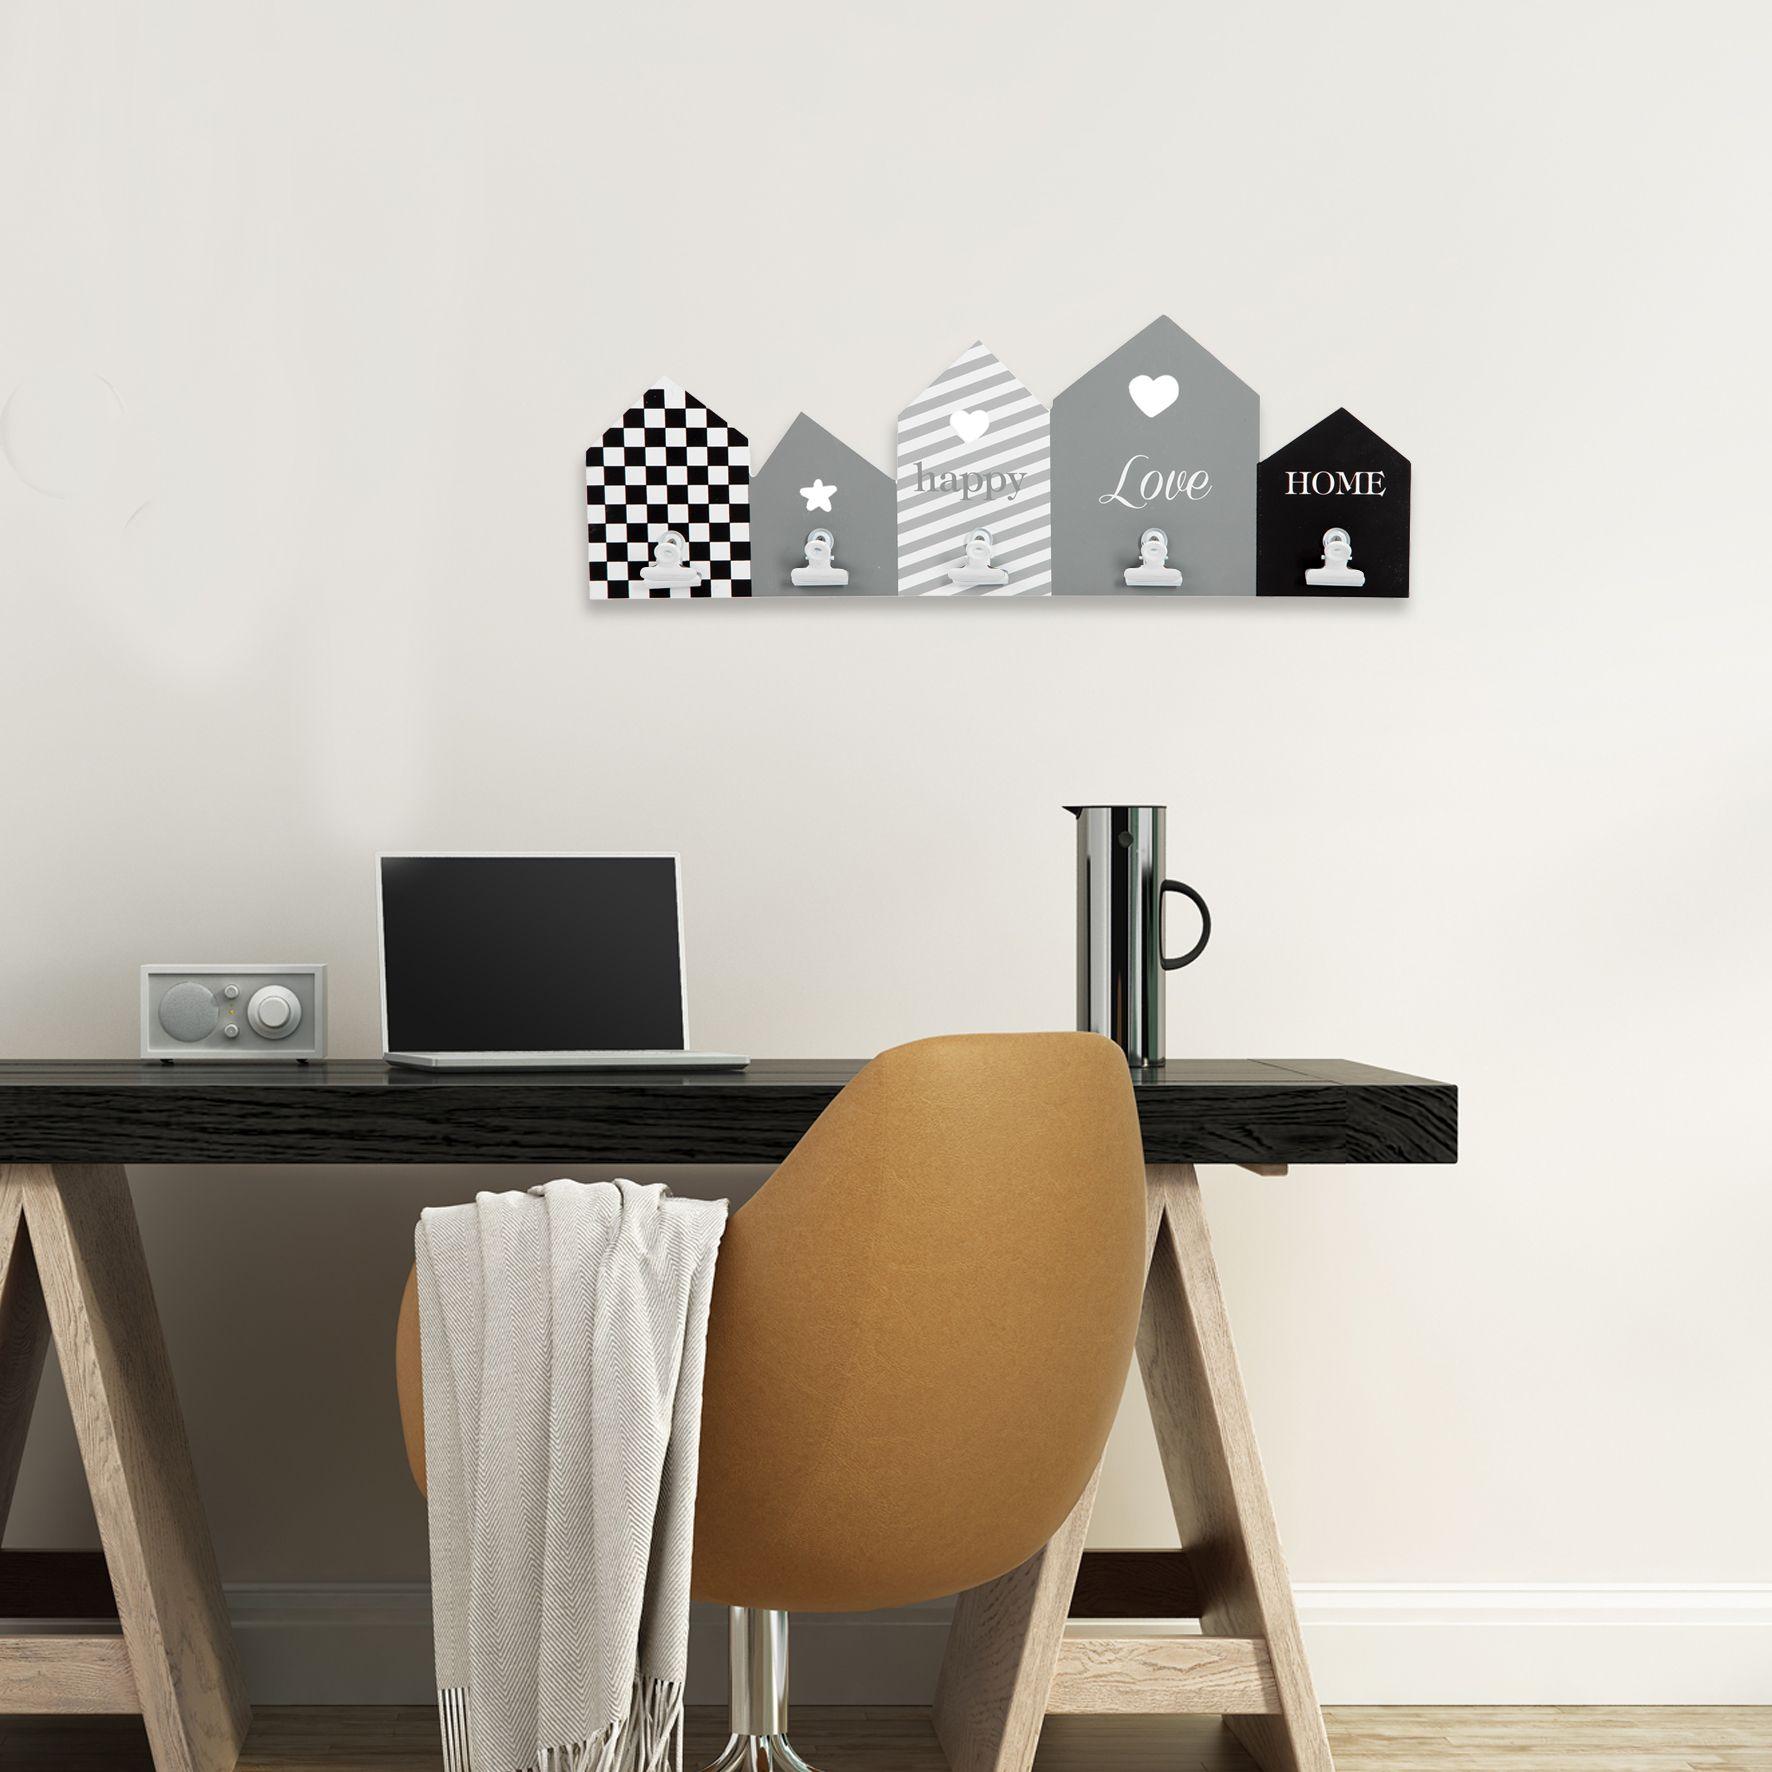 Pittura Shabby Leroy Merlin cornice multifoto town nero 5 foto | idee per decorare la